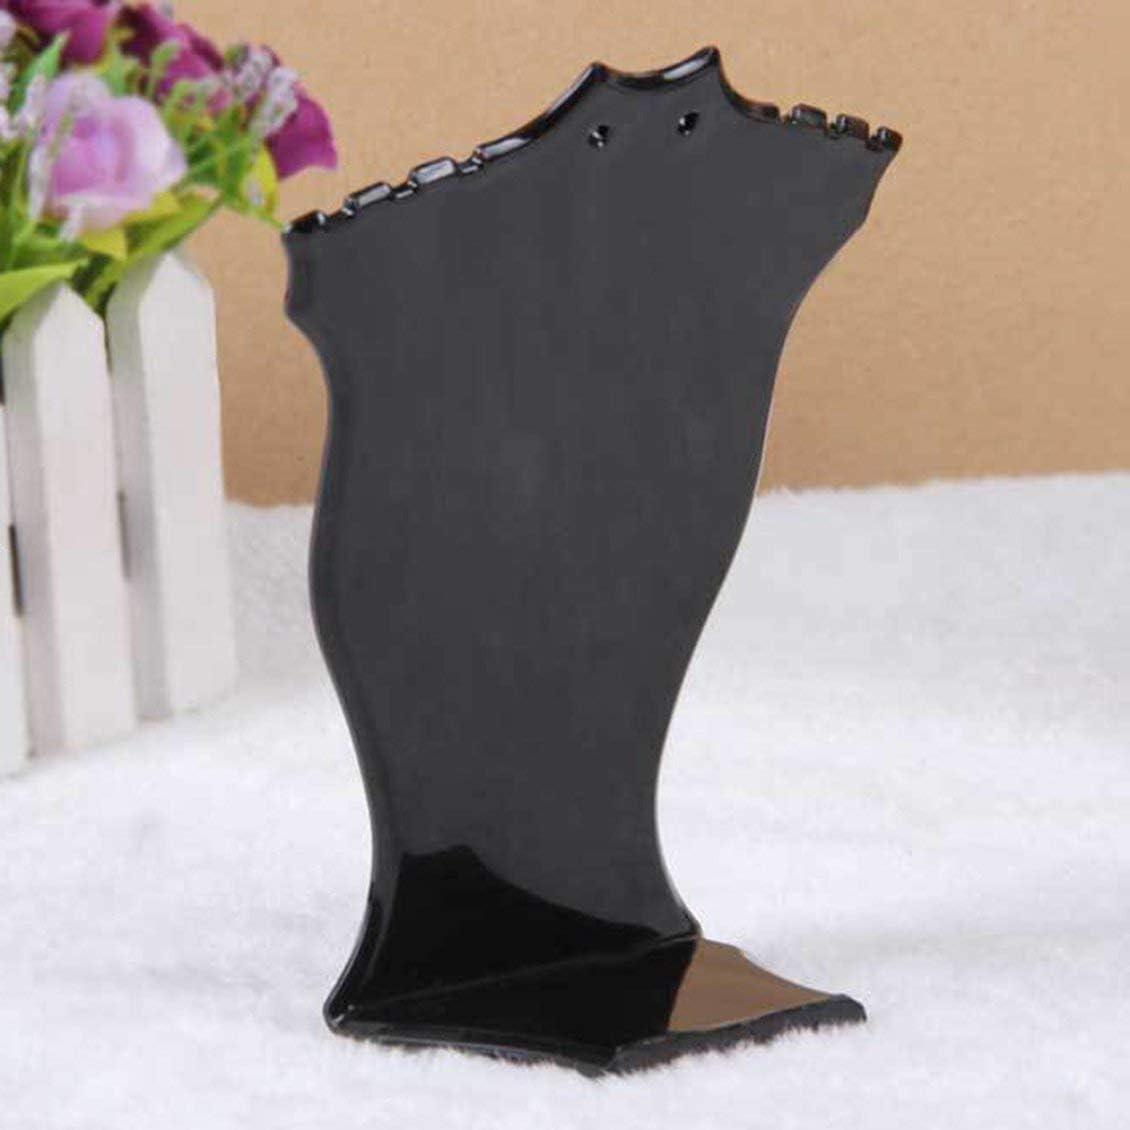 noir En plastique en forme d/éventail collier stand boucle doreille stand bracelet collier bijoux pr/ésentoir bijoux cr/éatif stand